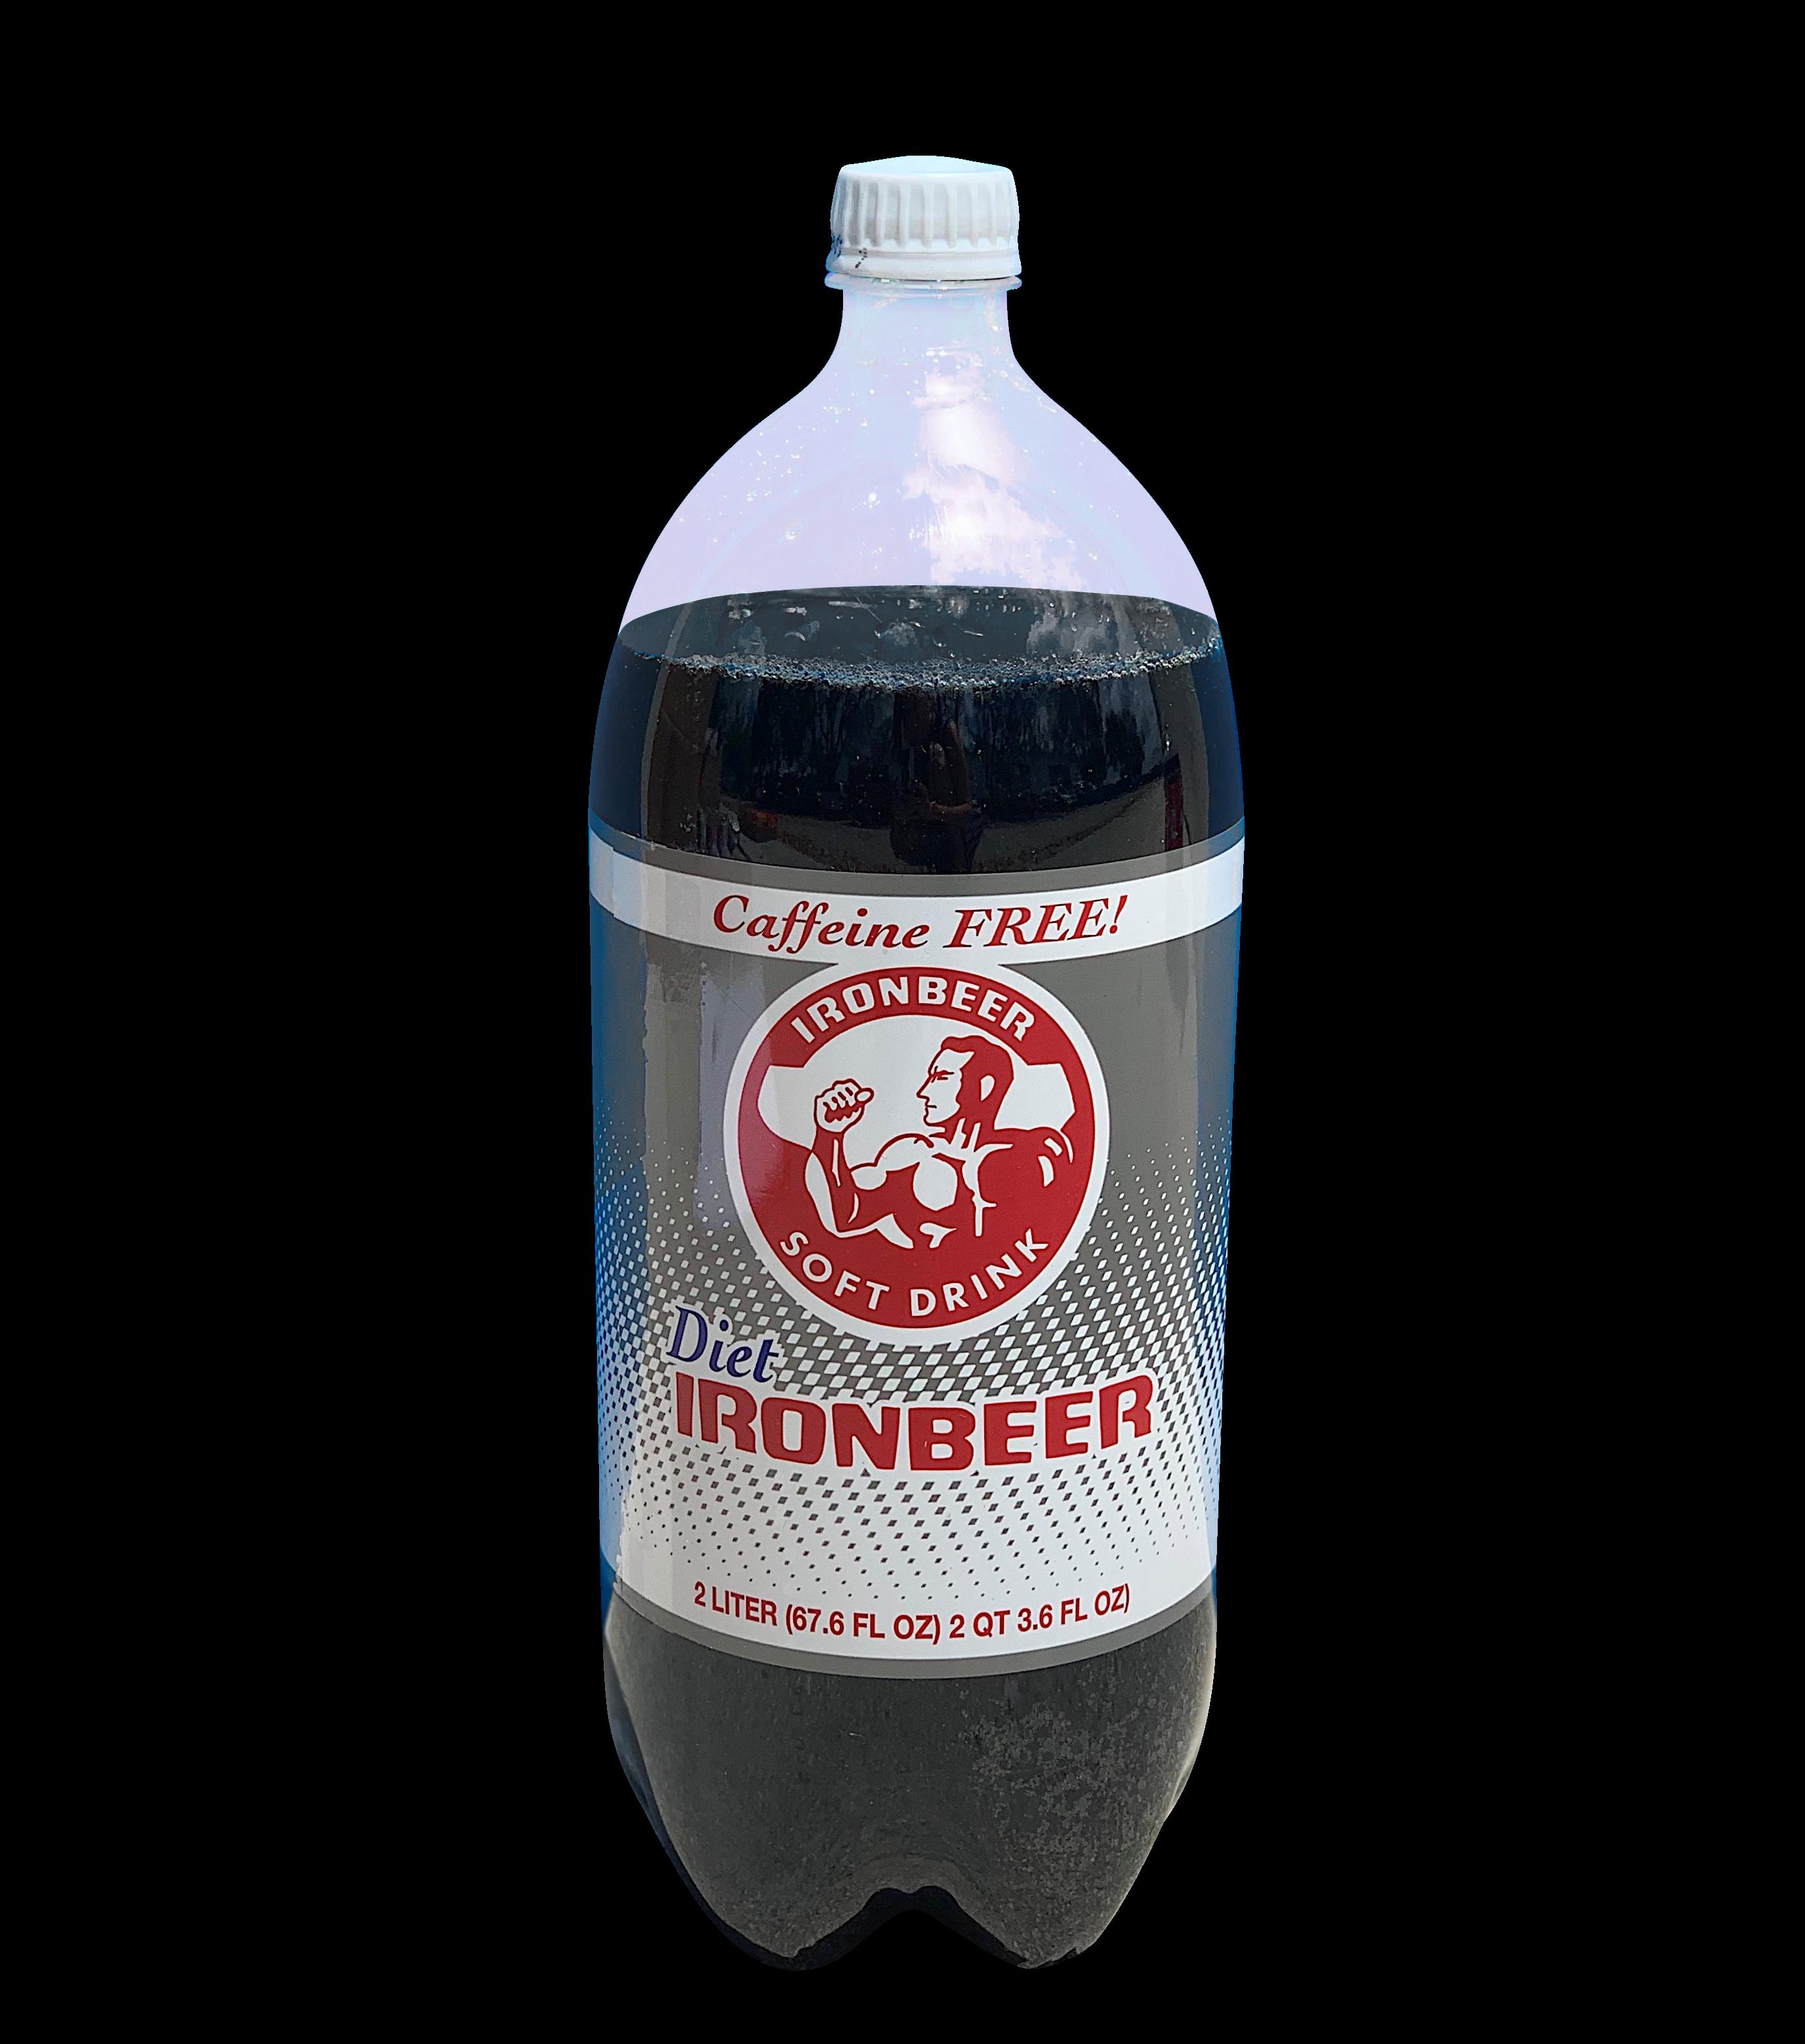 diet ironbeer